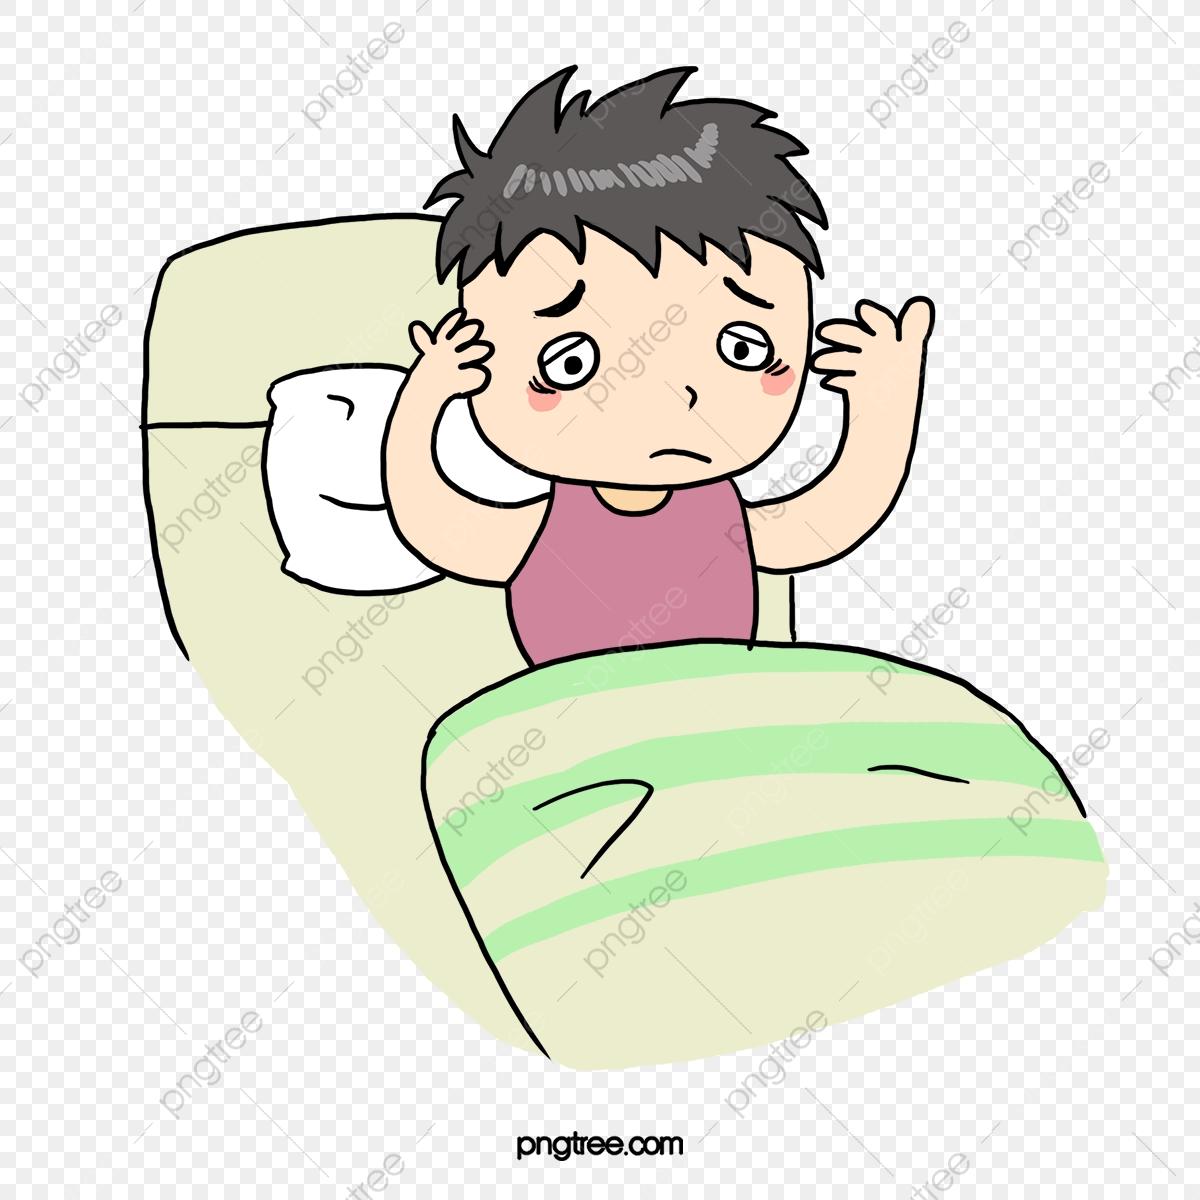 Cartoon lack of sleep. Clipart sleeping action